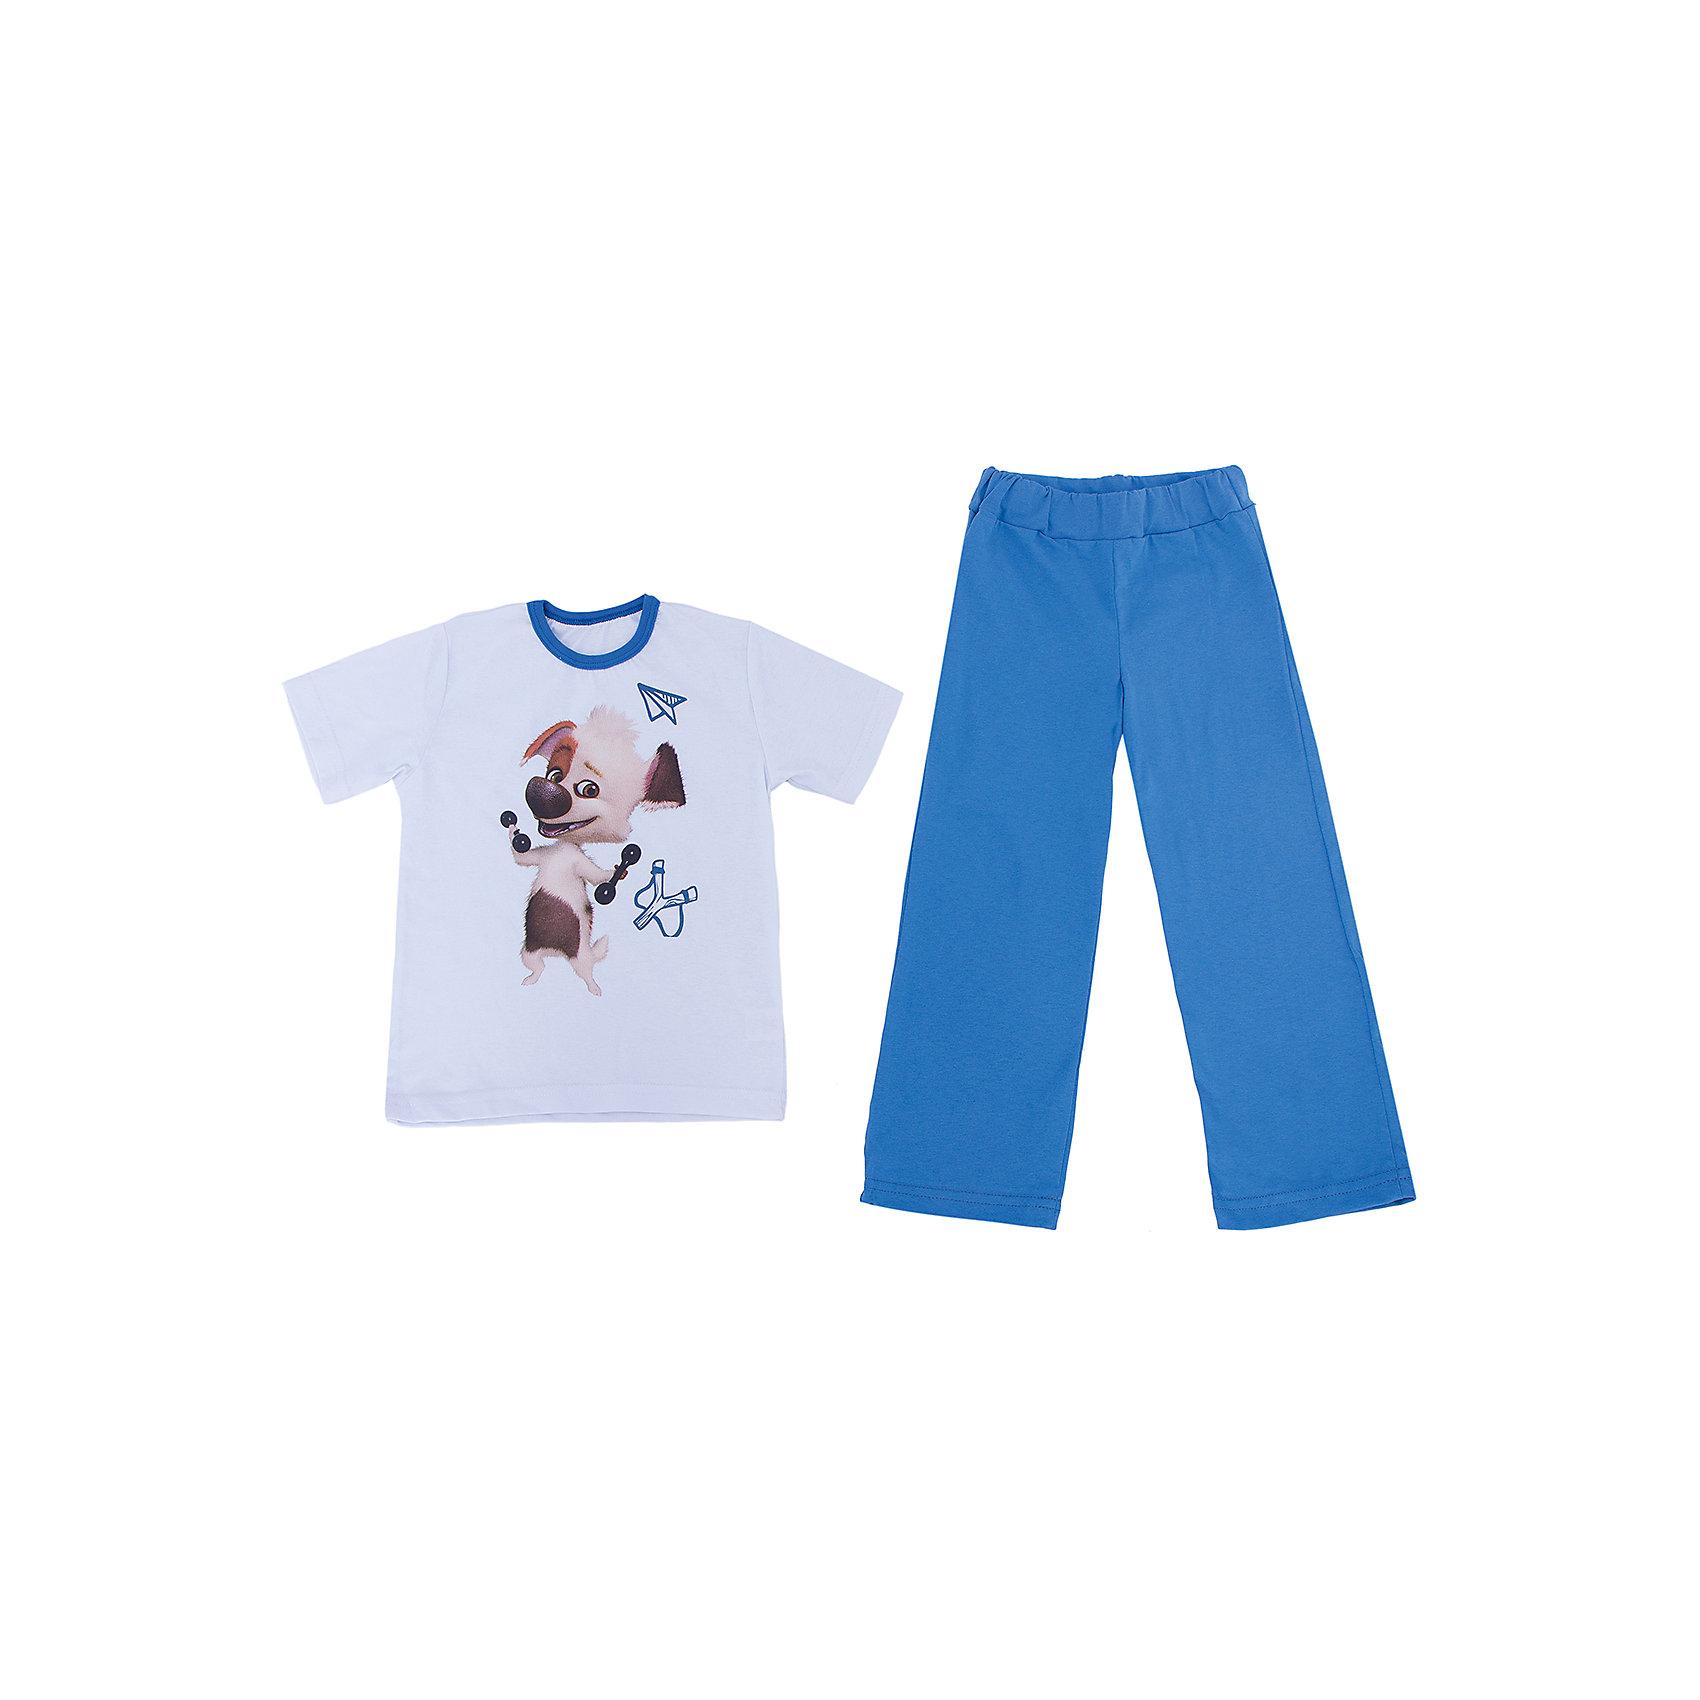 Пижама KotMarKot для мальчикаПижамы и сорочки<br>Пижама с изображением героя из мультсериала Озорная семейка, ткань кулирка. 100% хлопок<br><br>Ширина мм: 281<br>Глубина мм: 70<br>Высота мм: 188<br>Вес г: 295<br>Цвет: синий<br>Возраст от месяцев: 72<br>Возраст до месяцев: 84<br>Пол: Мужской<br>Возраст: Детский<br>Размер: 122,116,104,92,98,110<br>SKU: 4725108